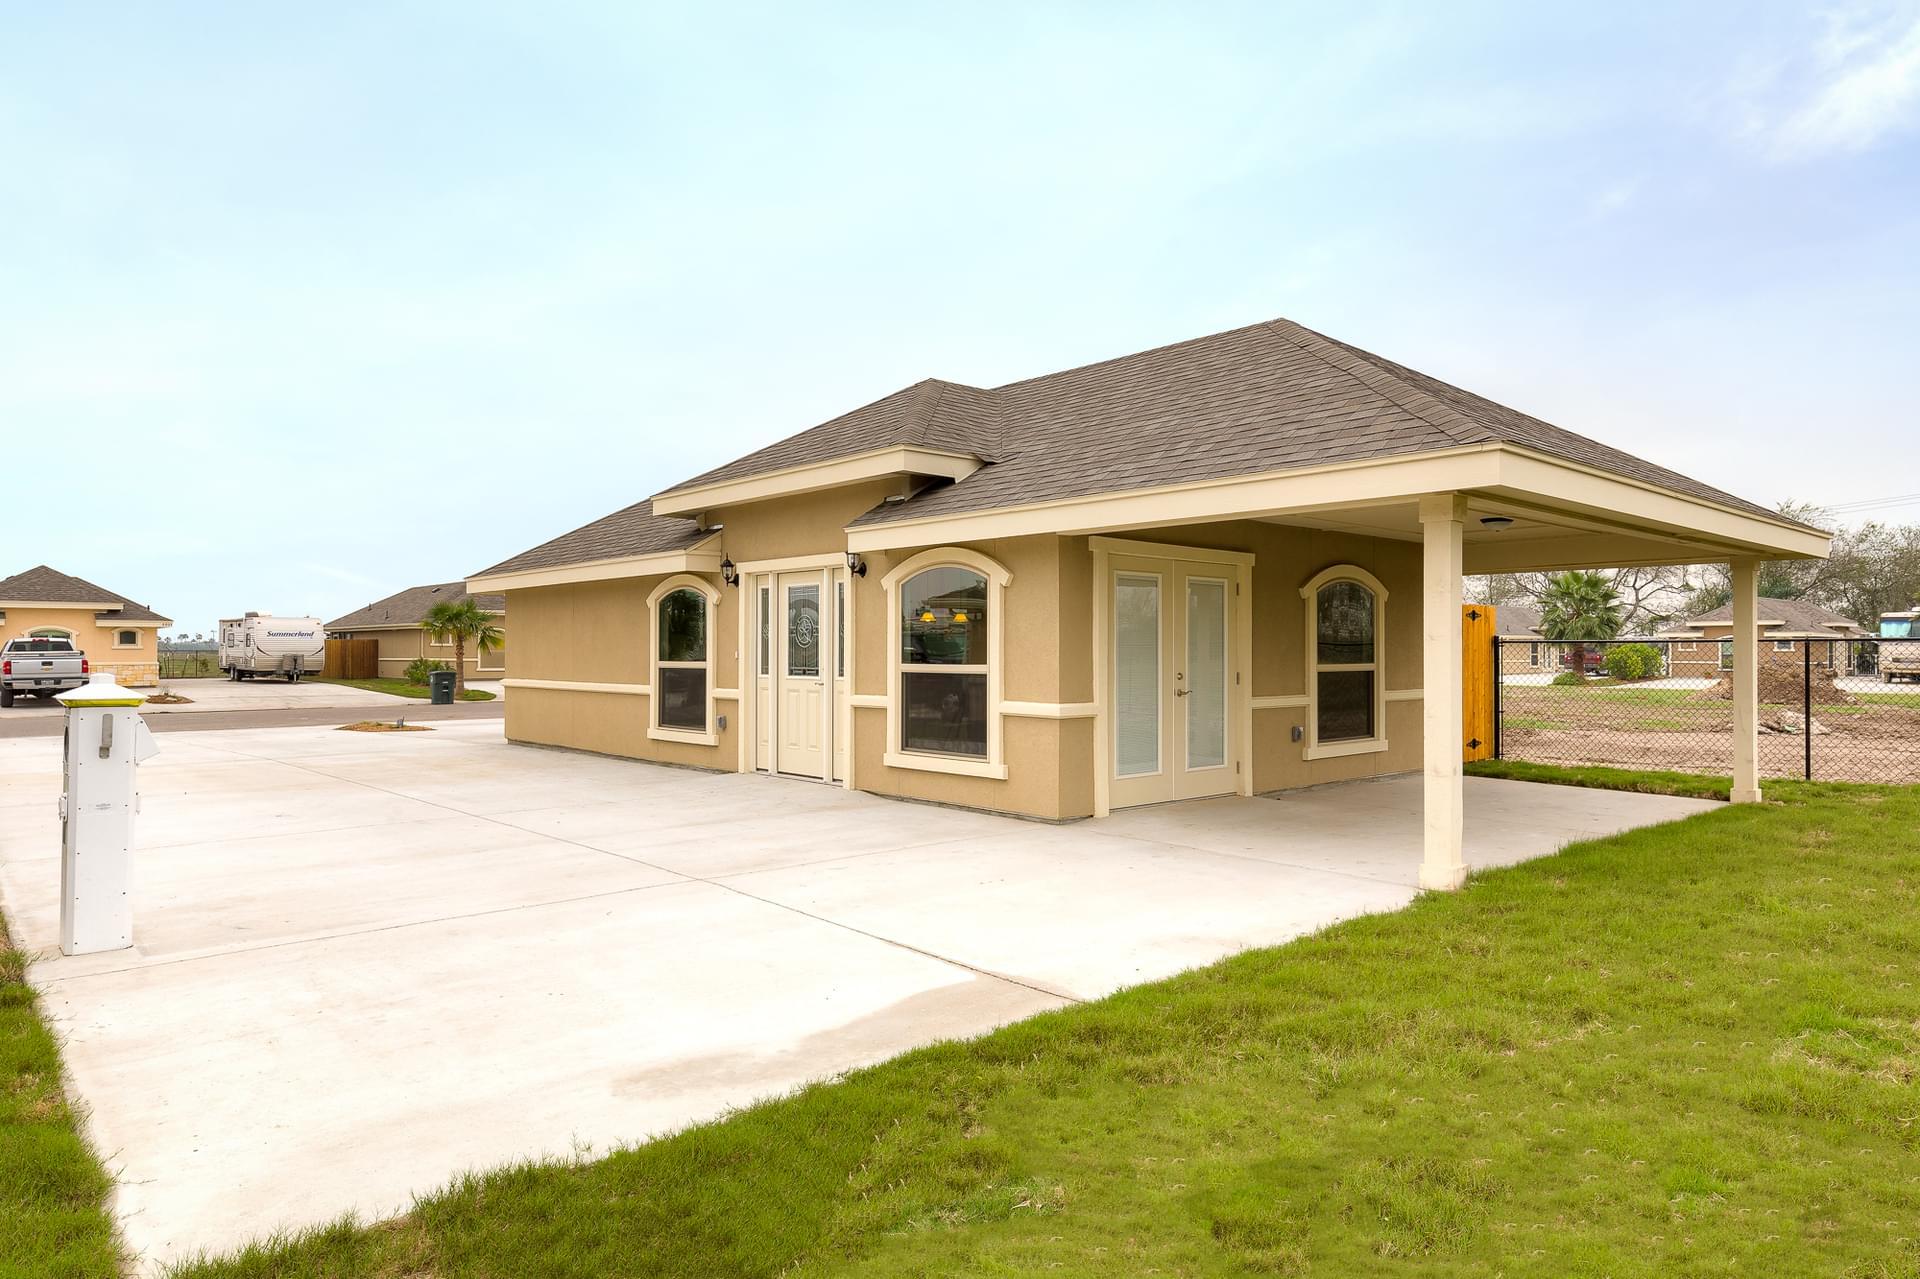 The RV Casita new home in Mission , TX